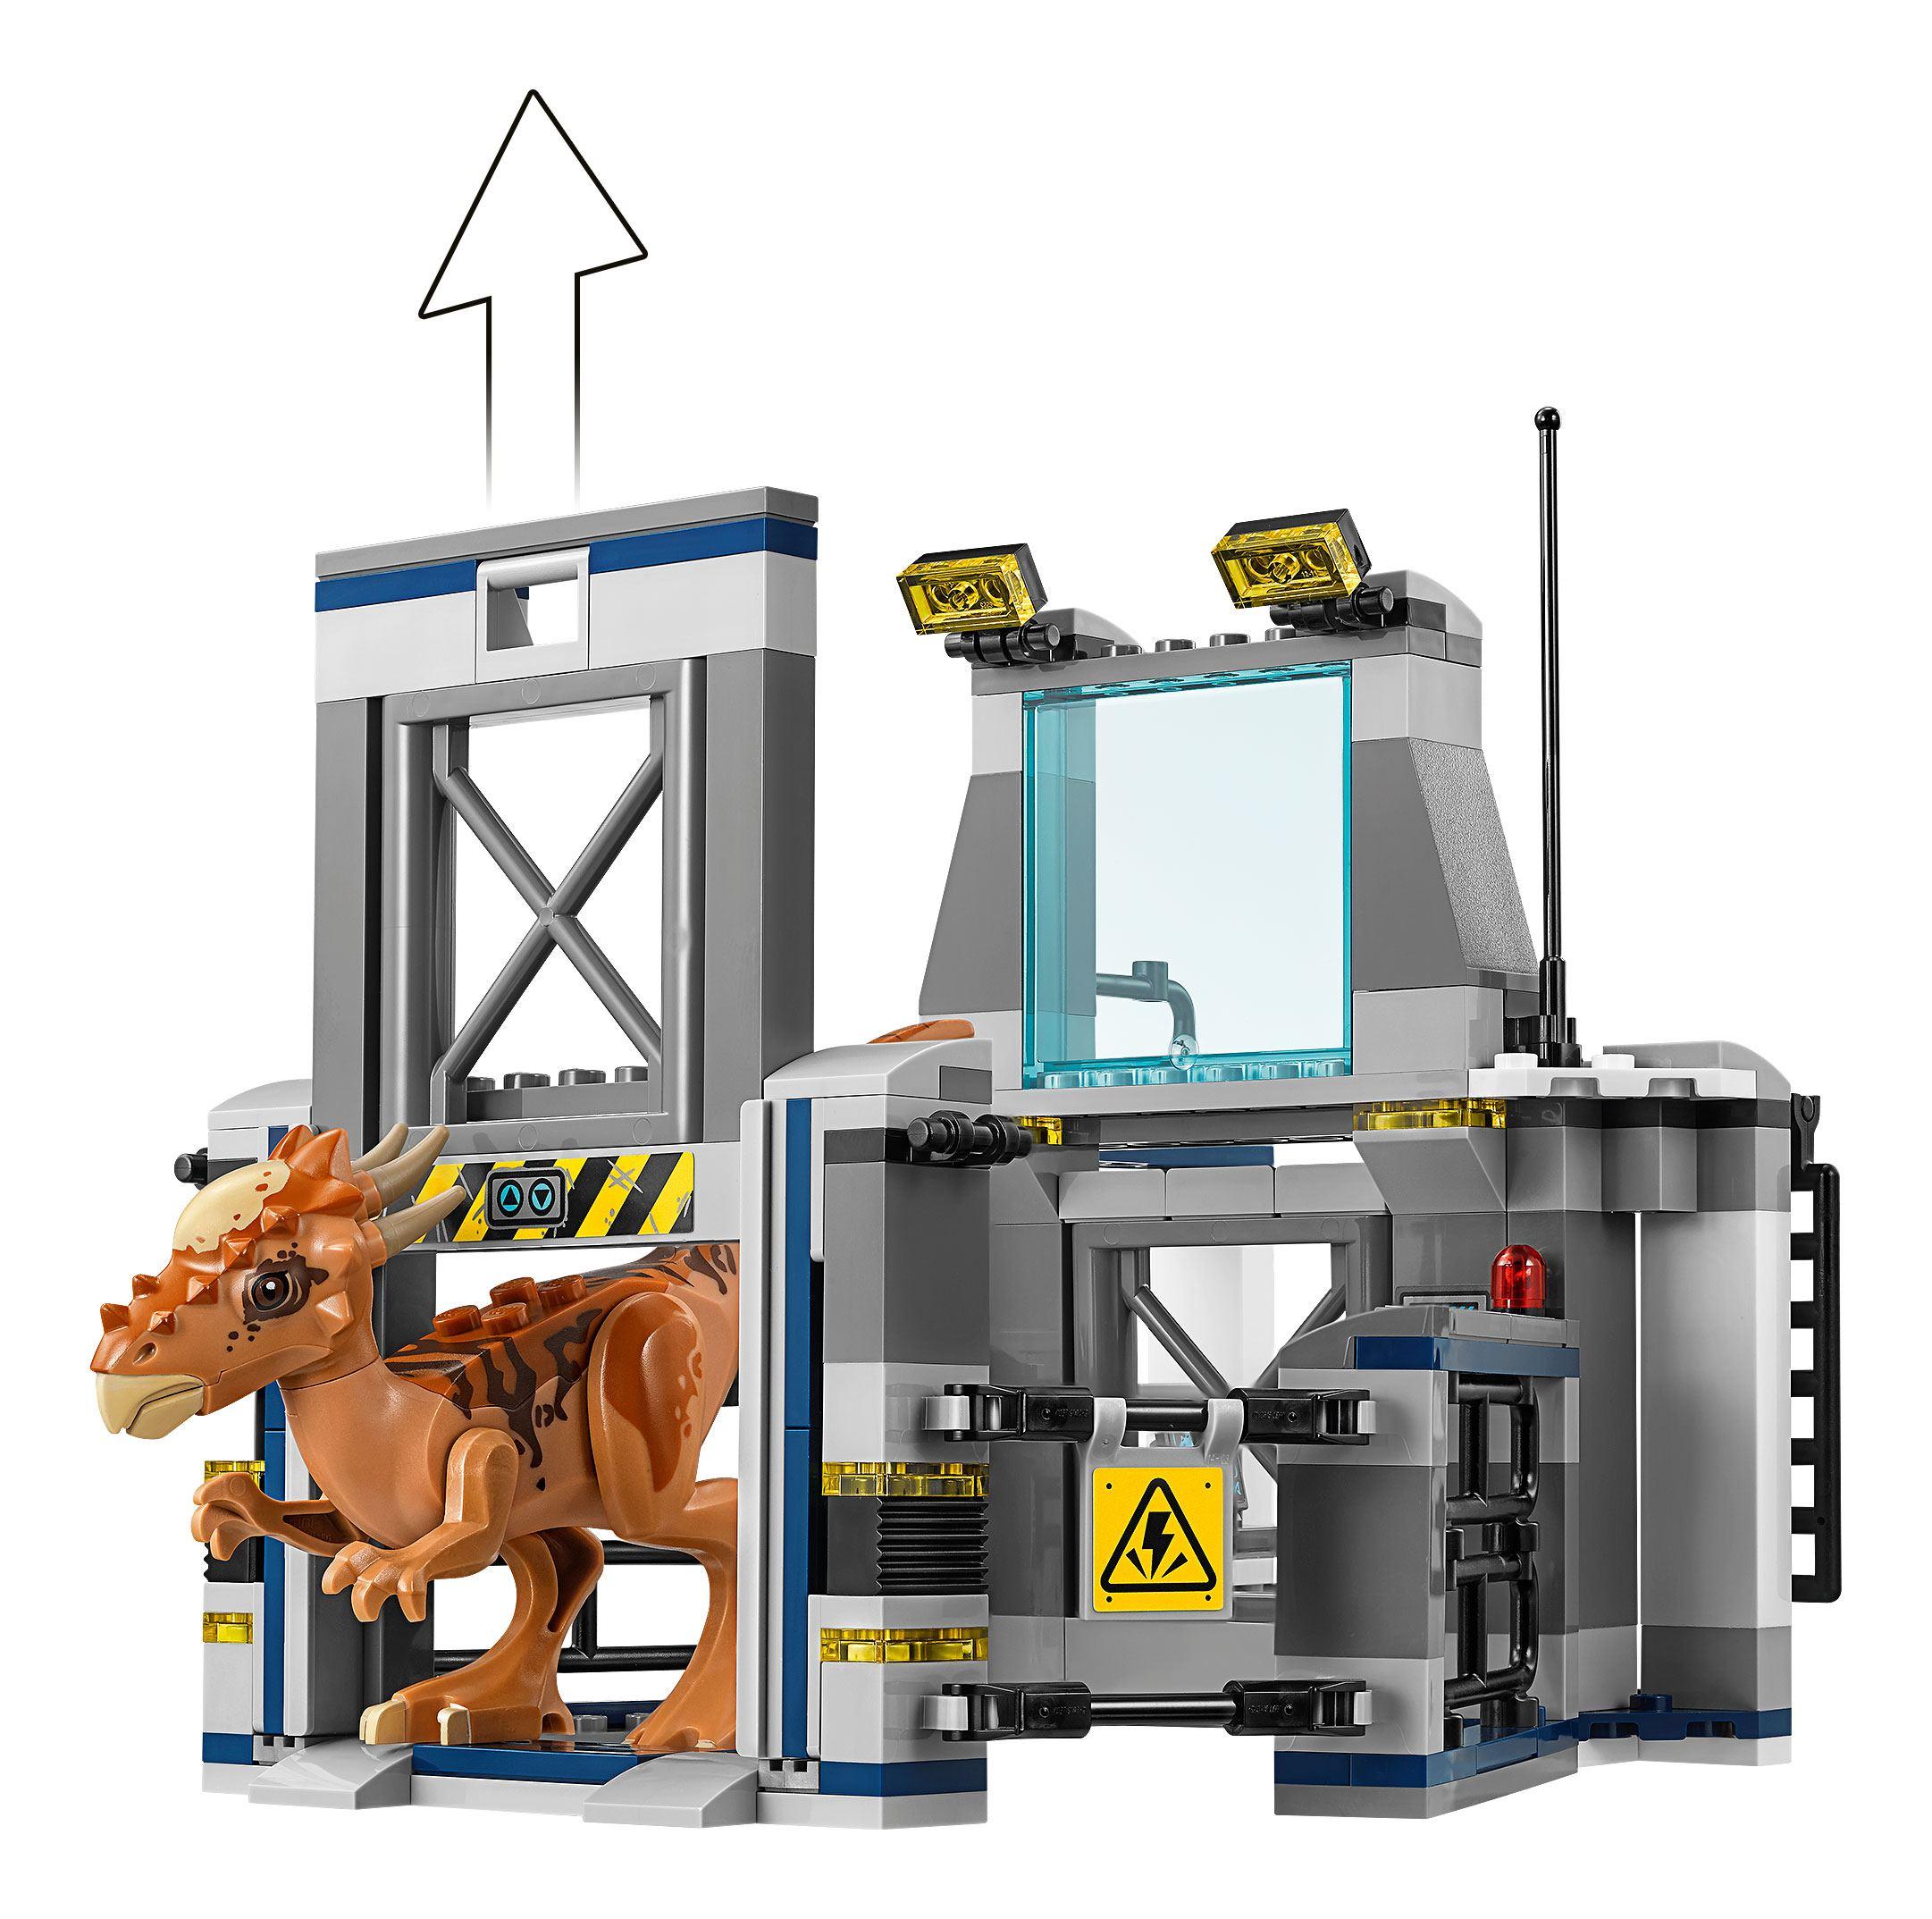 Lego Jurassic World 75927 Stygimoloch Breakout: Stygimoloch Laboratory Breakout